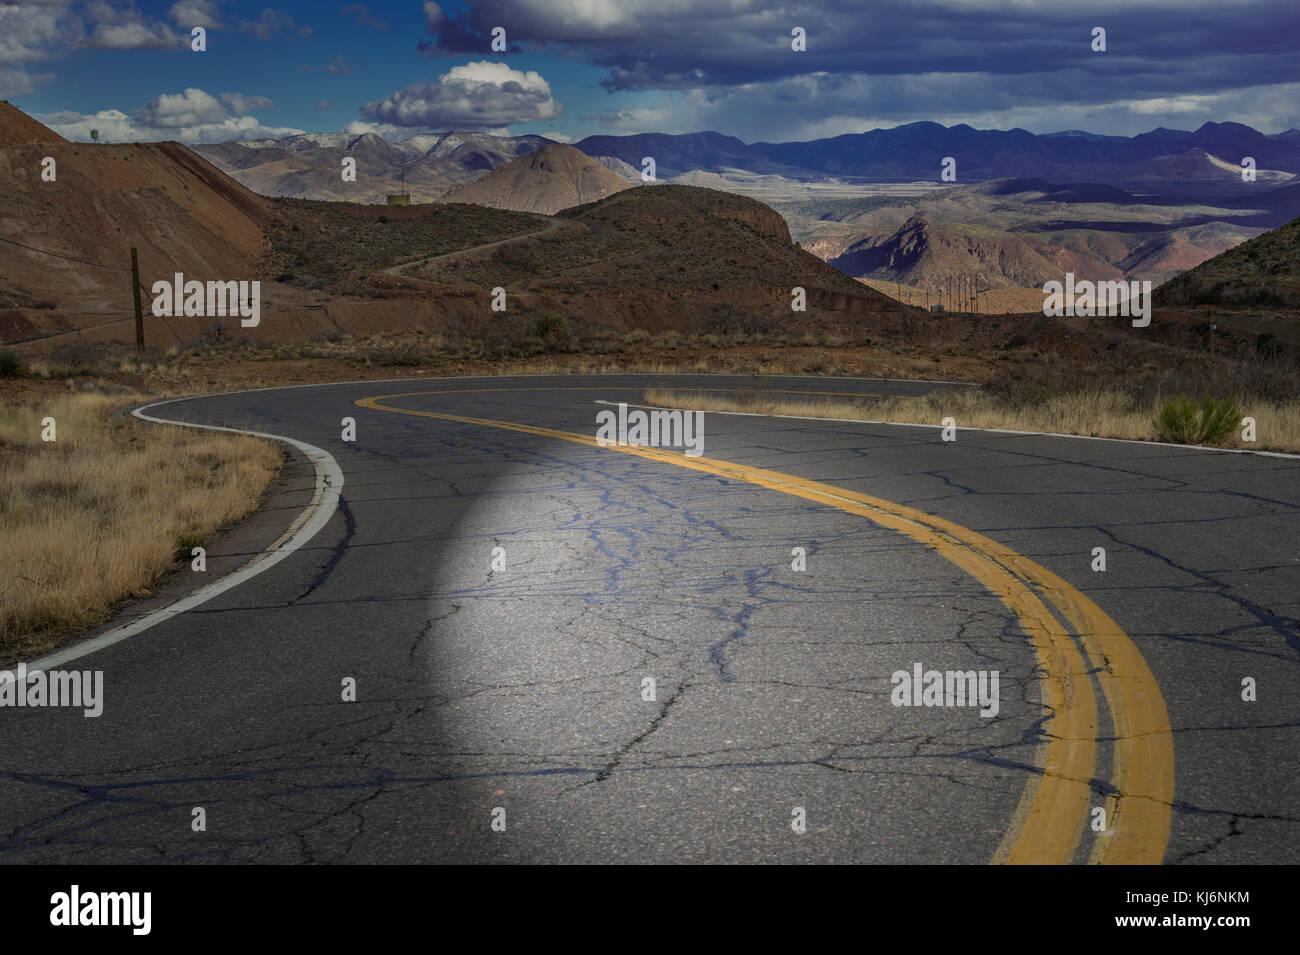 Light Shine On Desert Highway Road - Stock Image